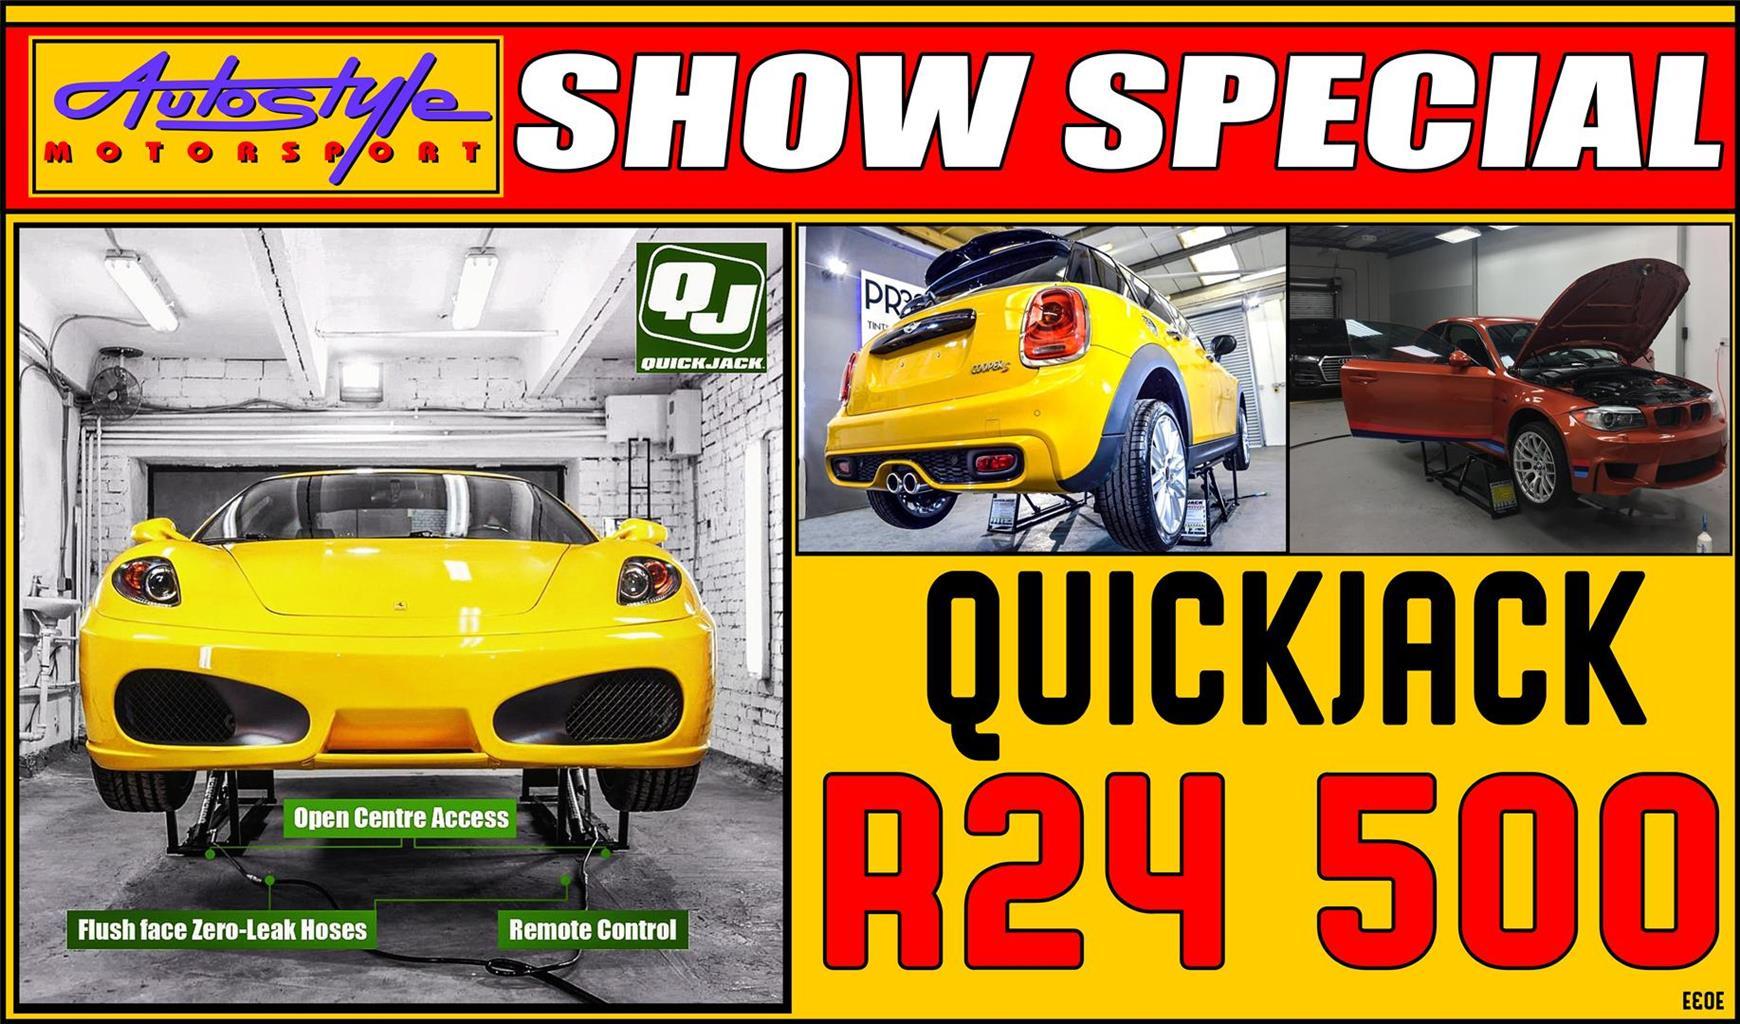 Quick Jack Quickjack Bl 7000slx Portable Car Lifting System